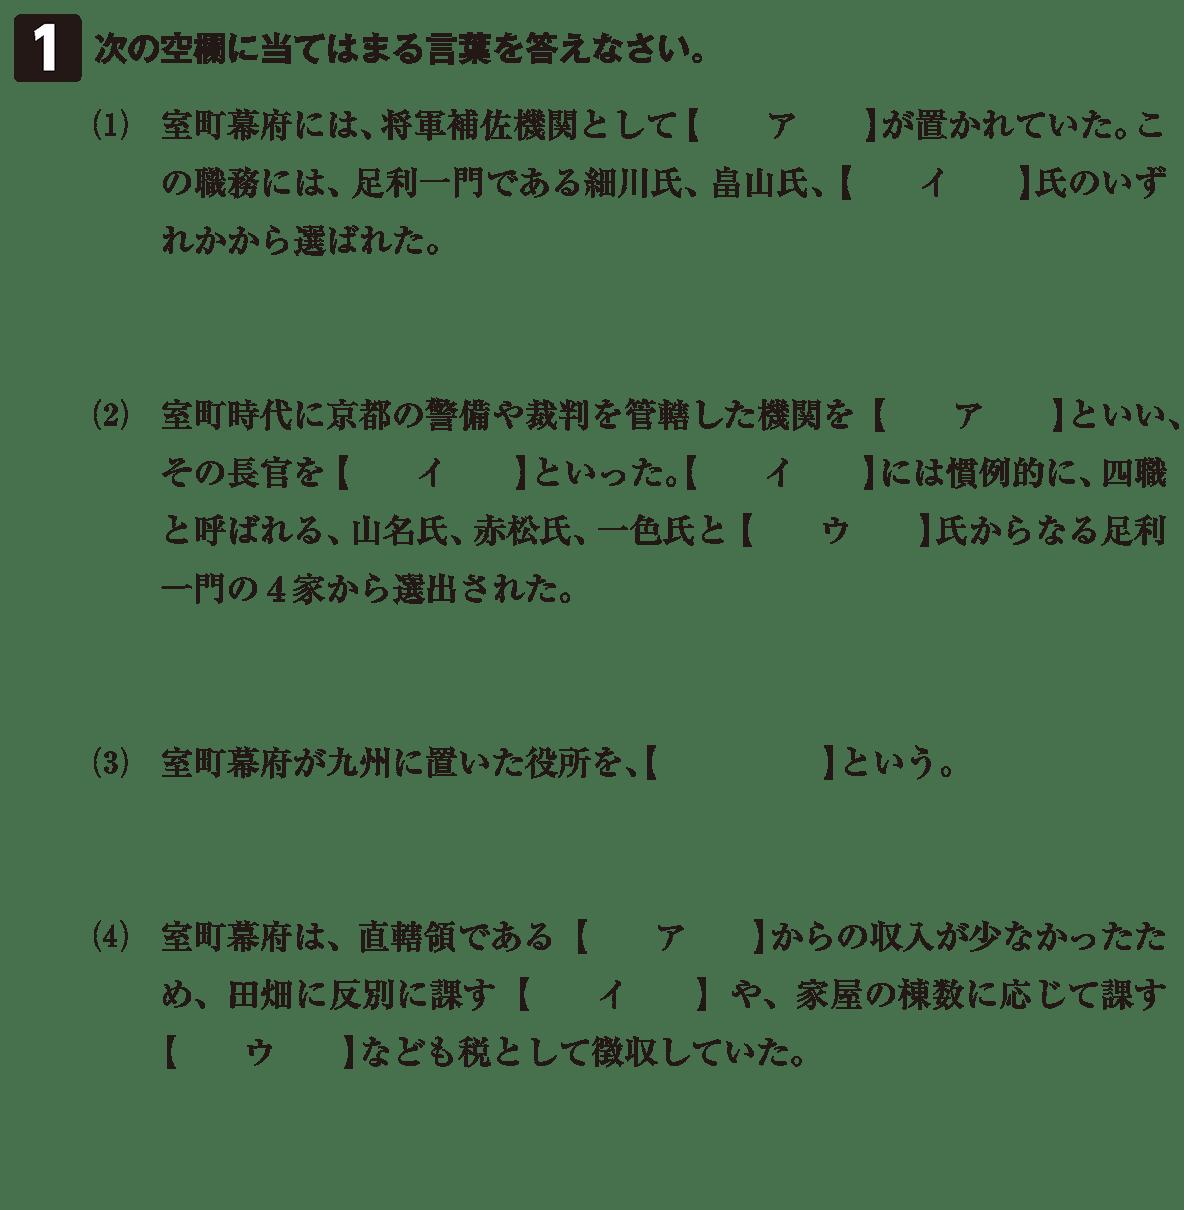 中世27 問題1 問題